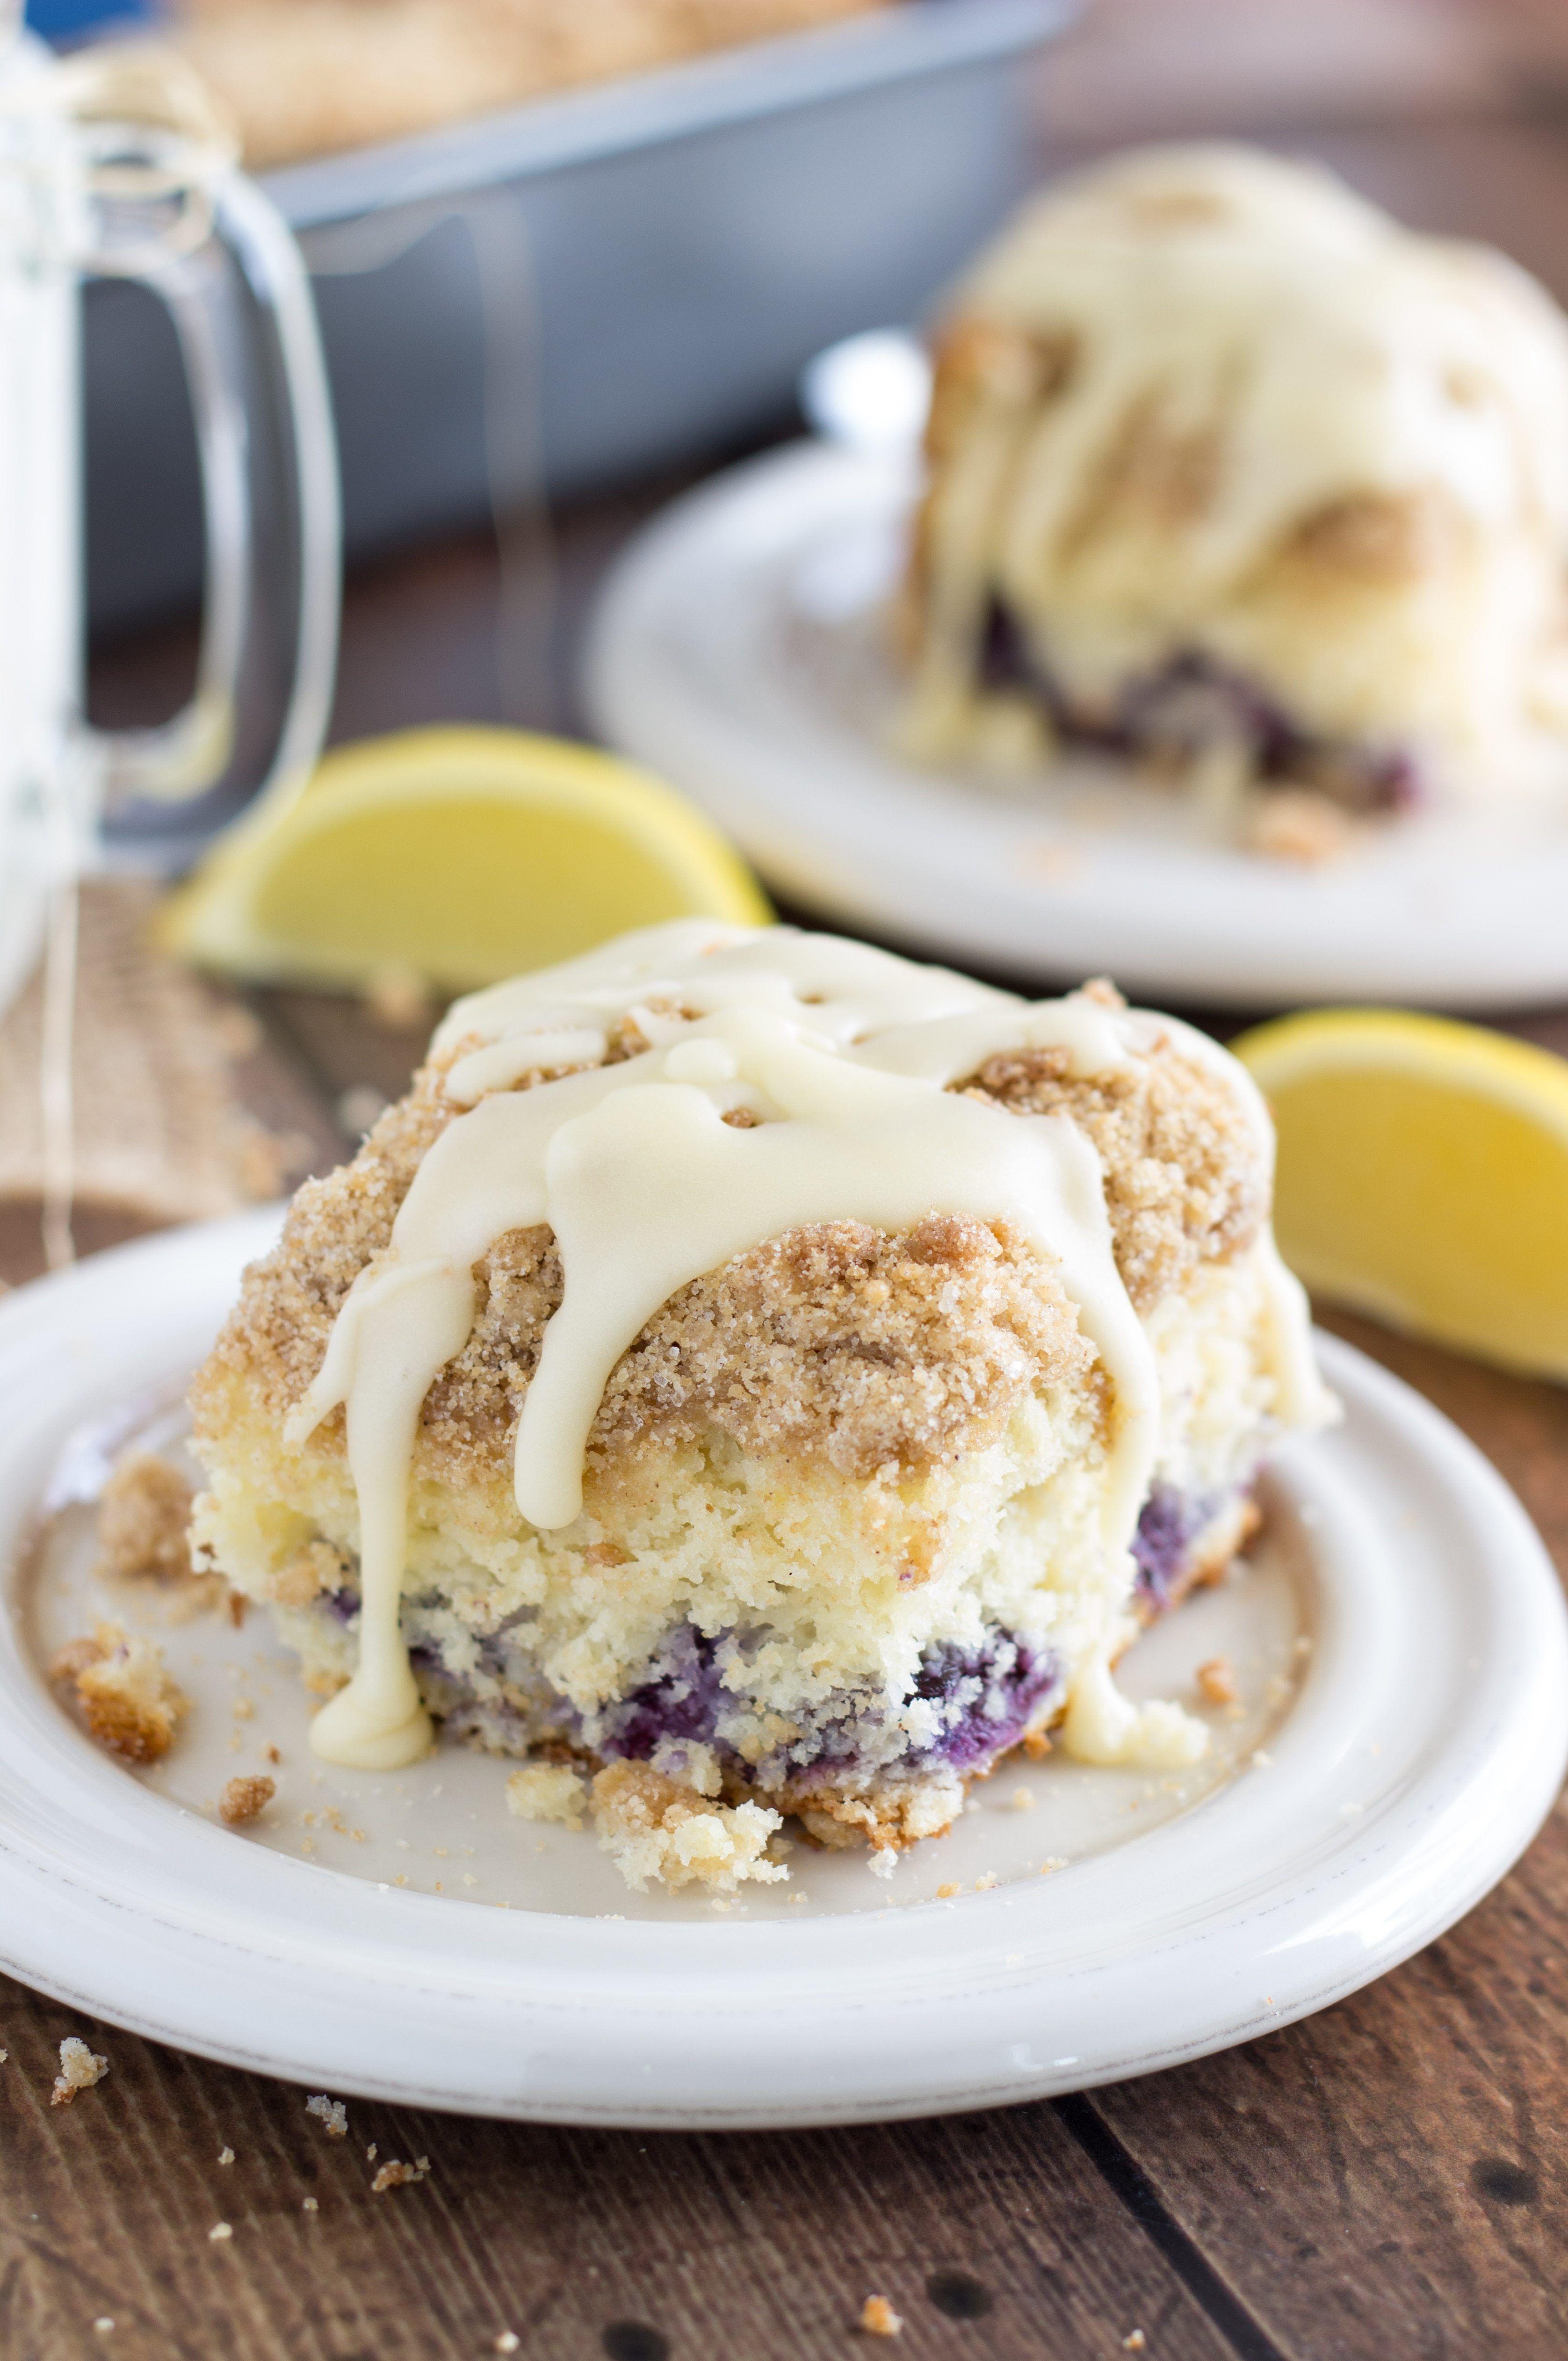 blueberry sour cream cake with lemon glaze